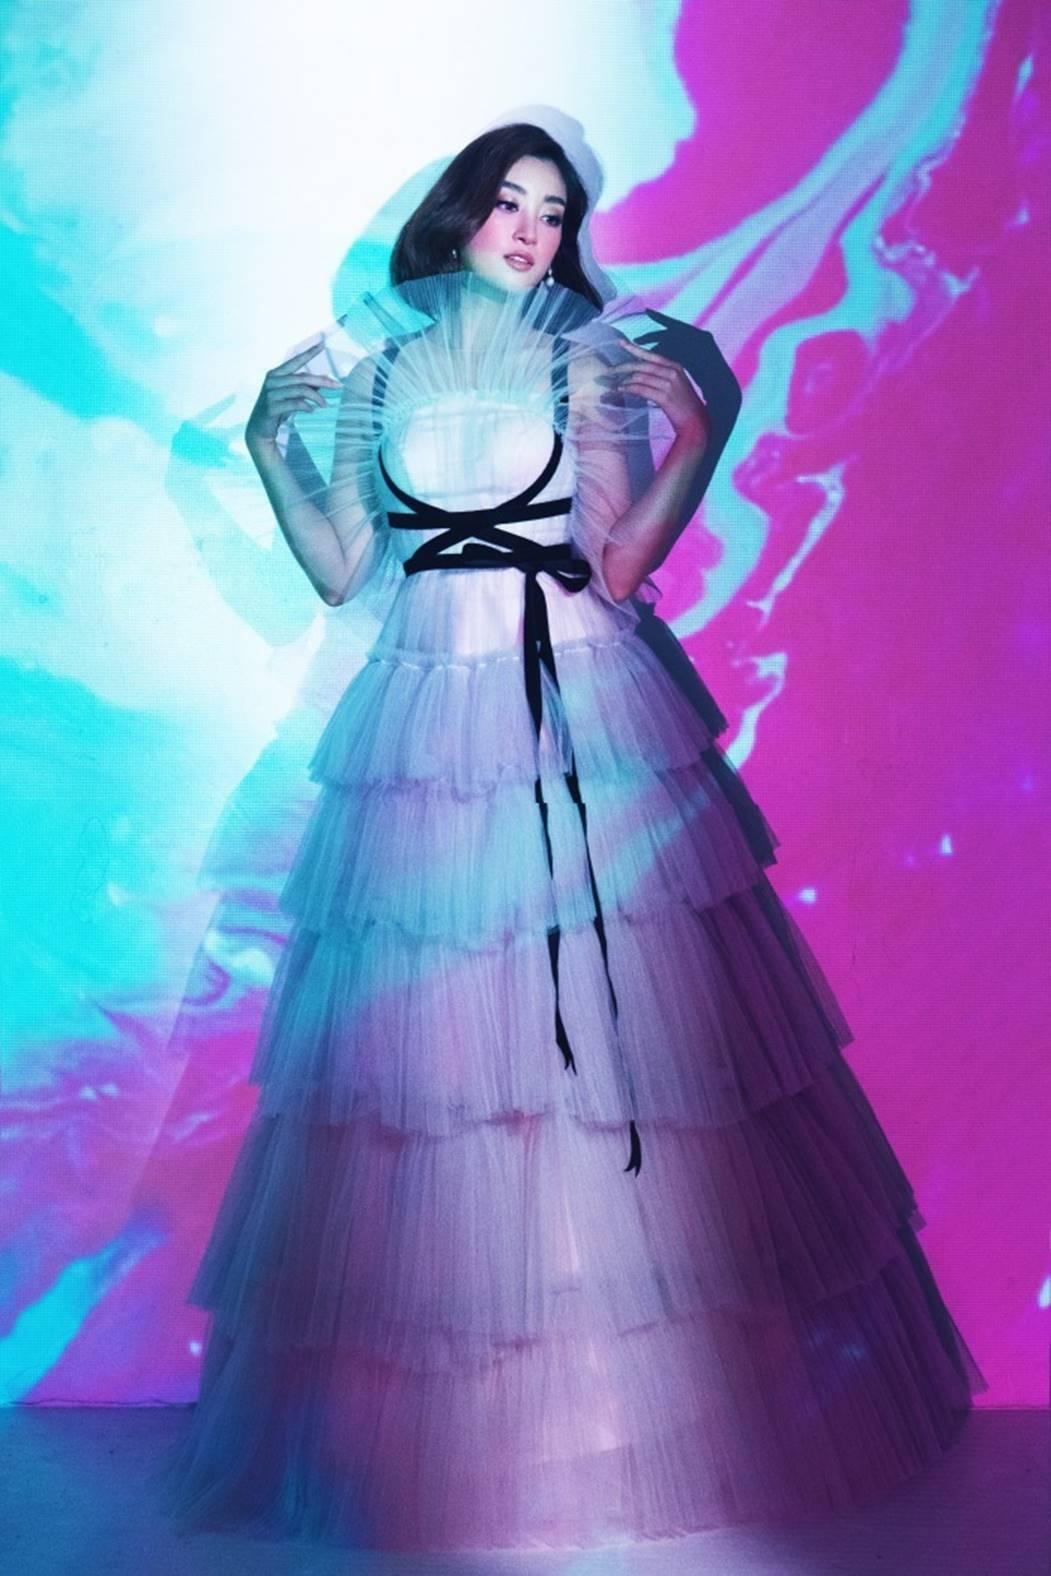 Đỗ Mỹ Linh, Tiểu Vy đẹp mê hoặc trong hình tượng nữ thần biển cả-3